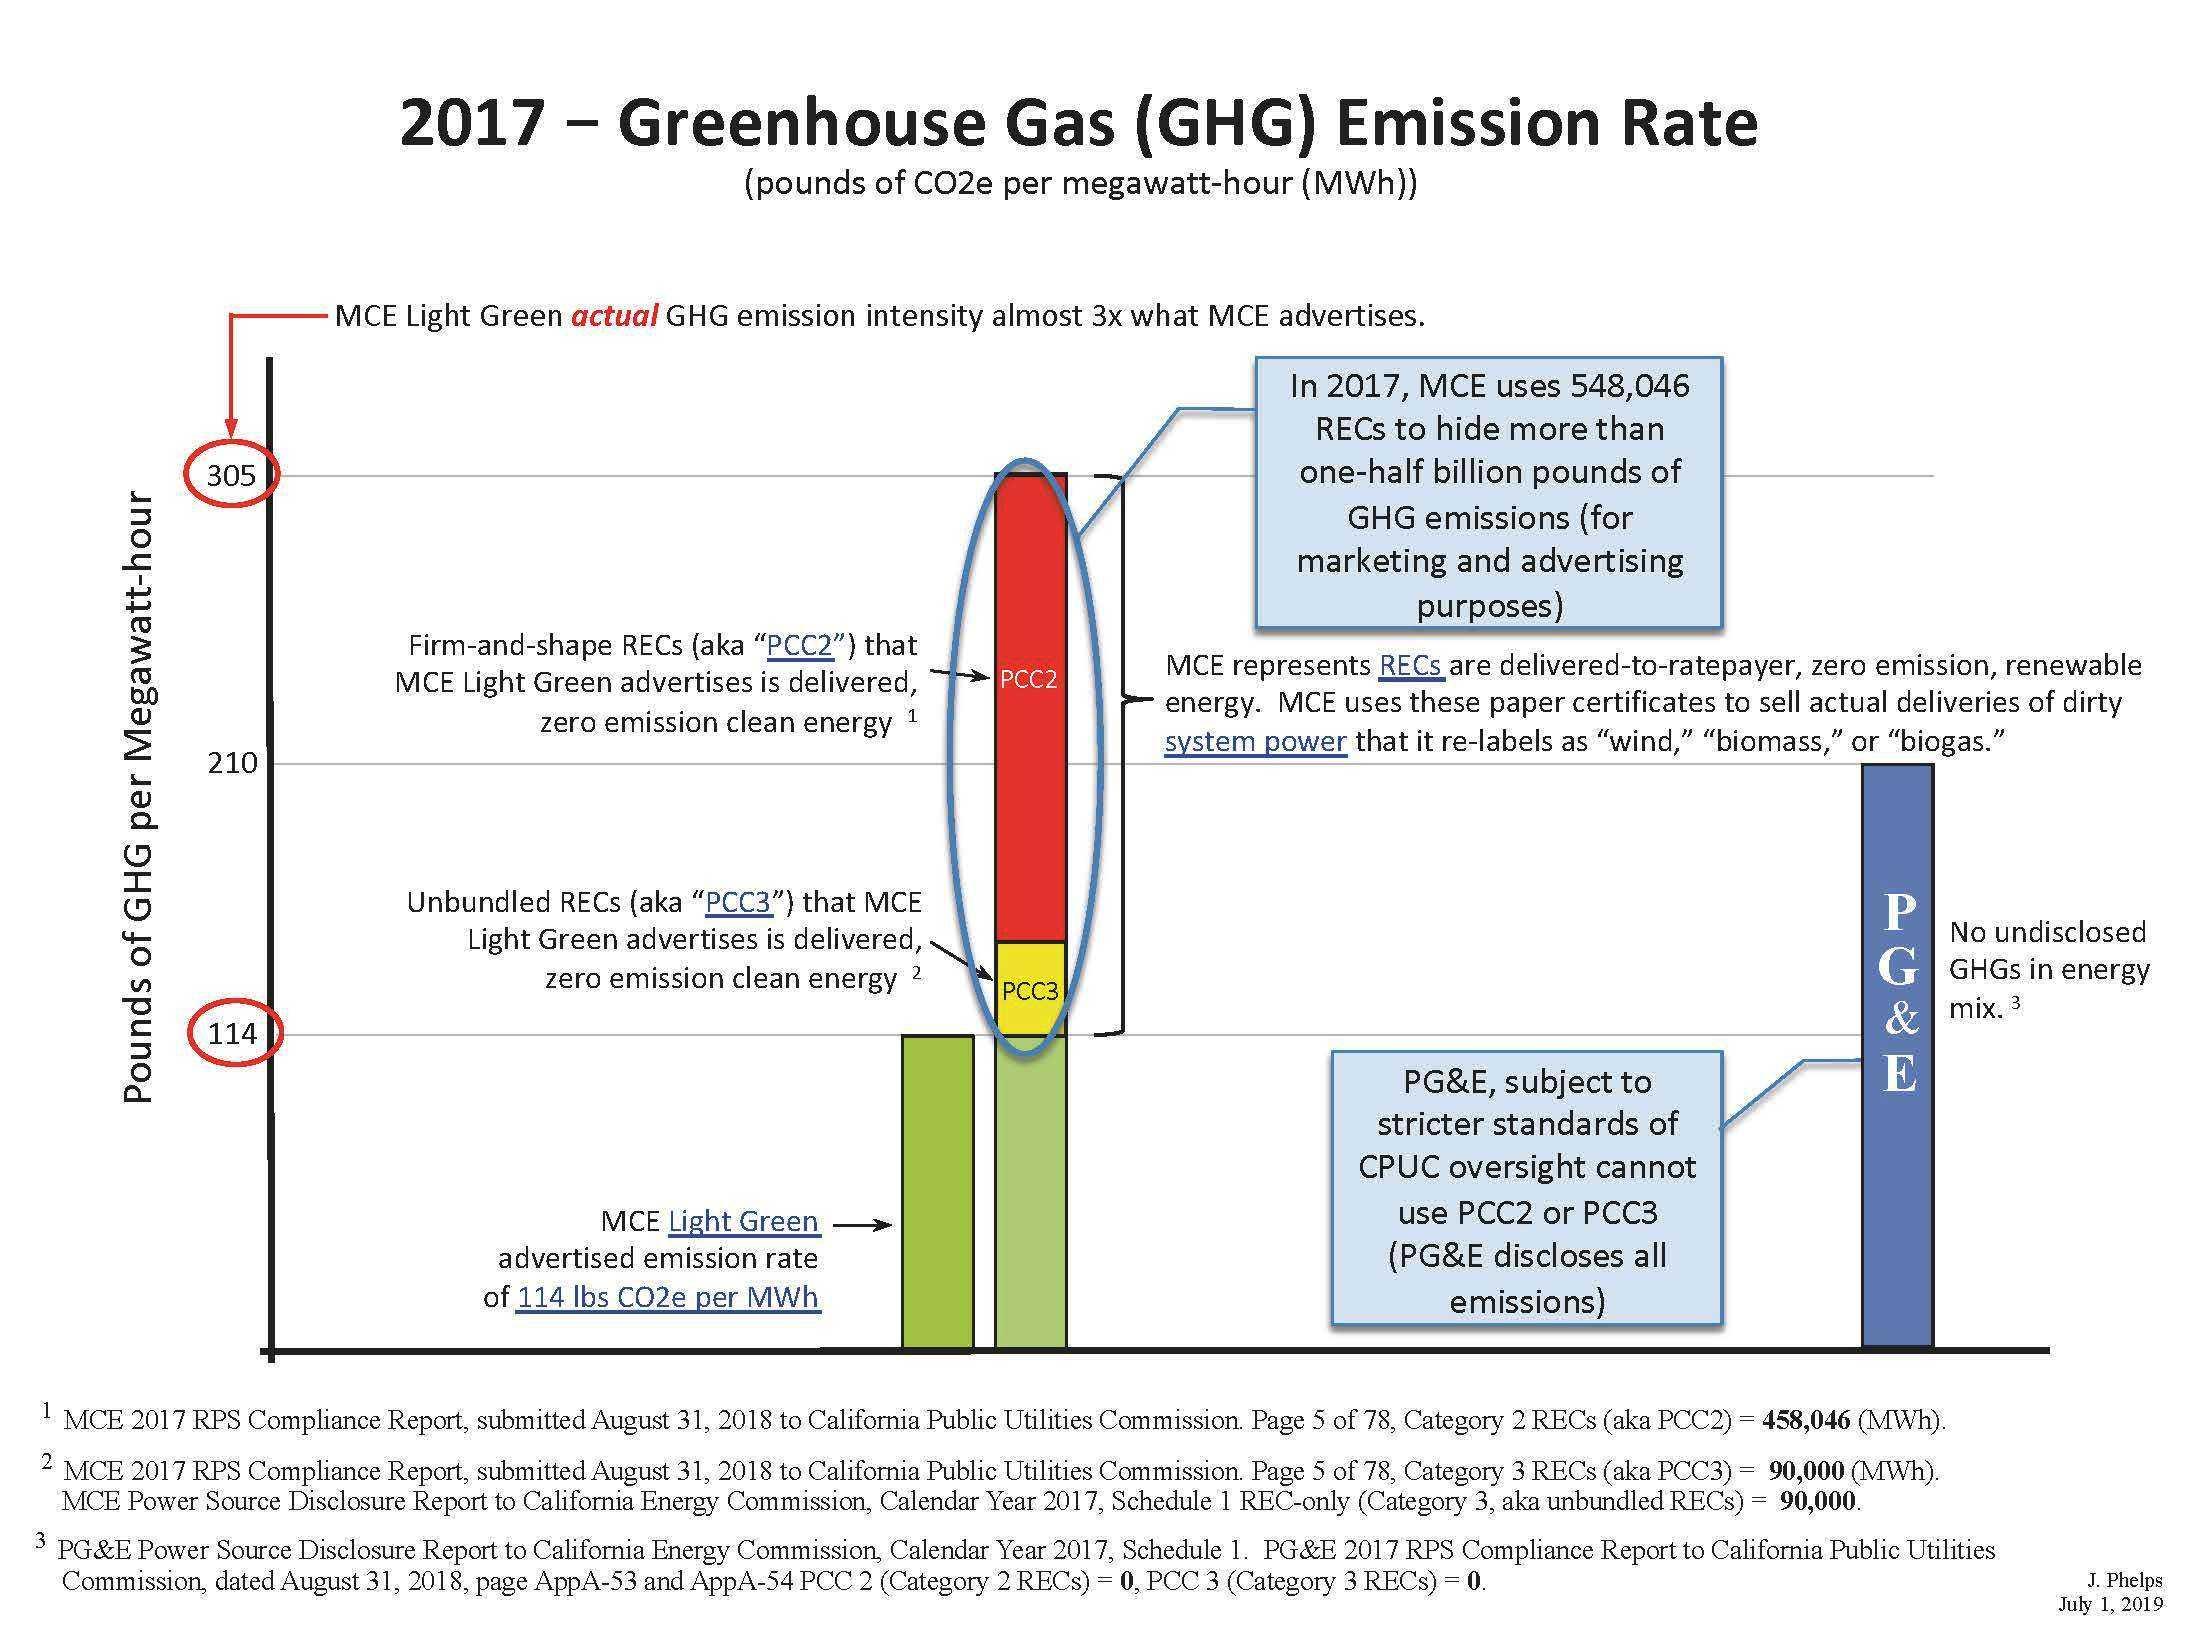 2017_GHG_bar-chart.jpg#asset:12905